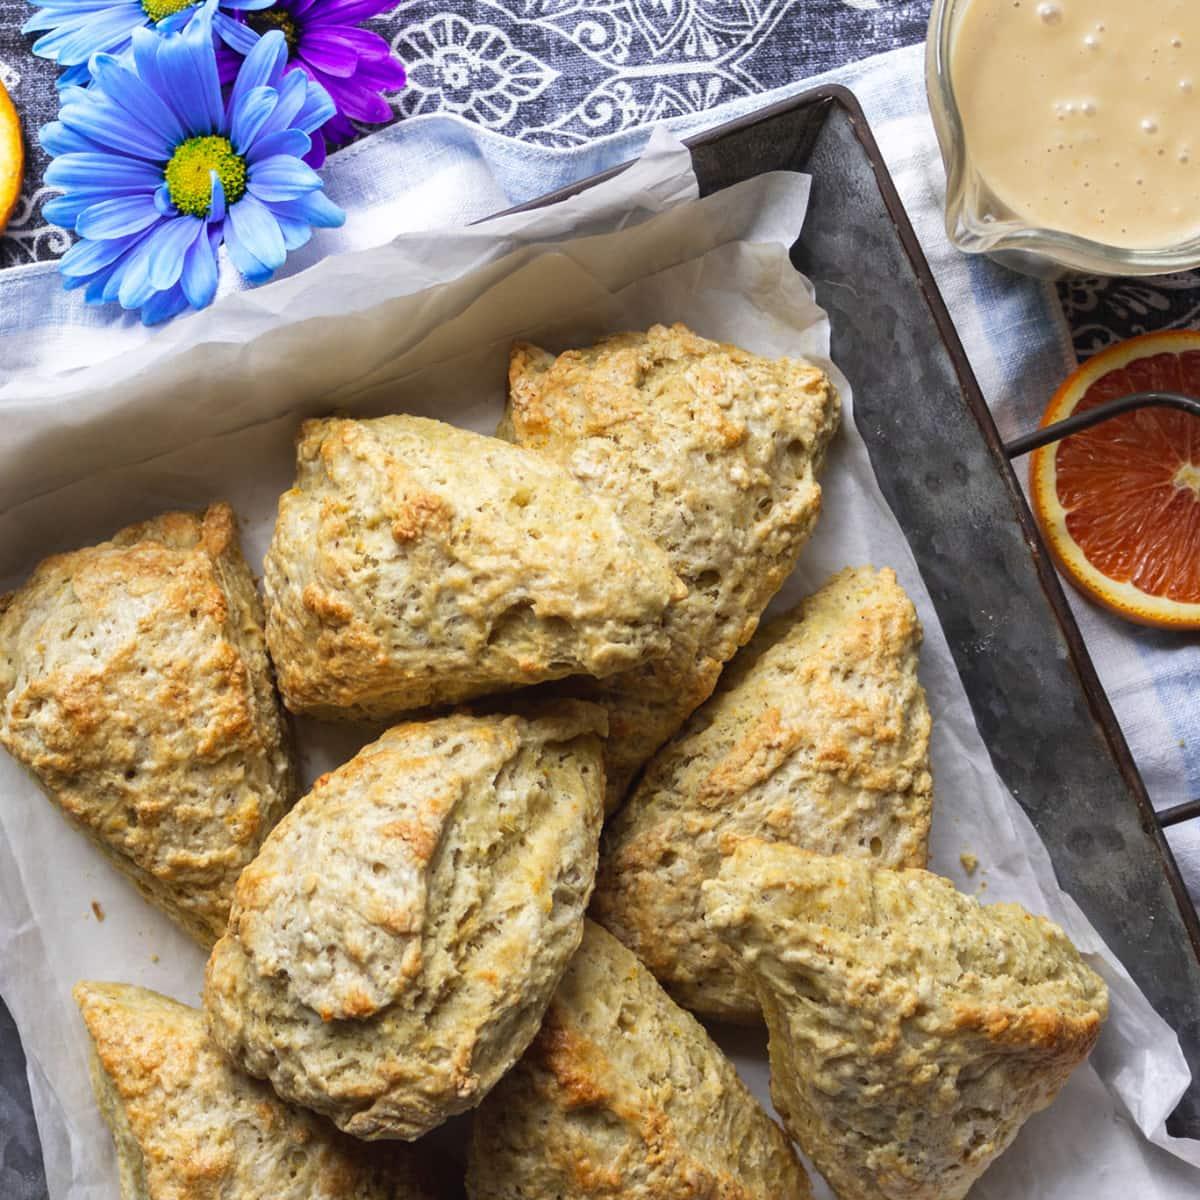 Baked pan of scones